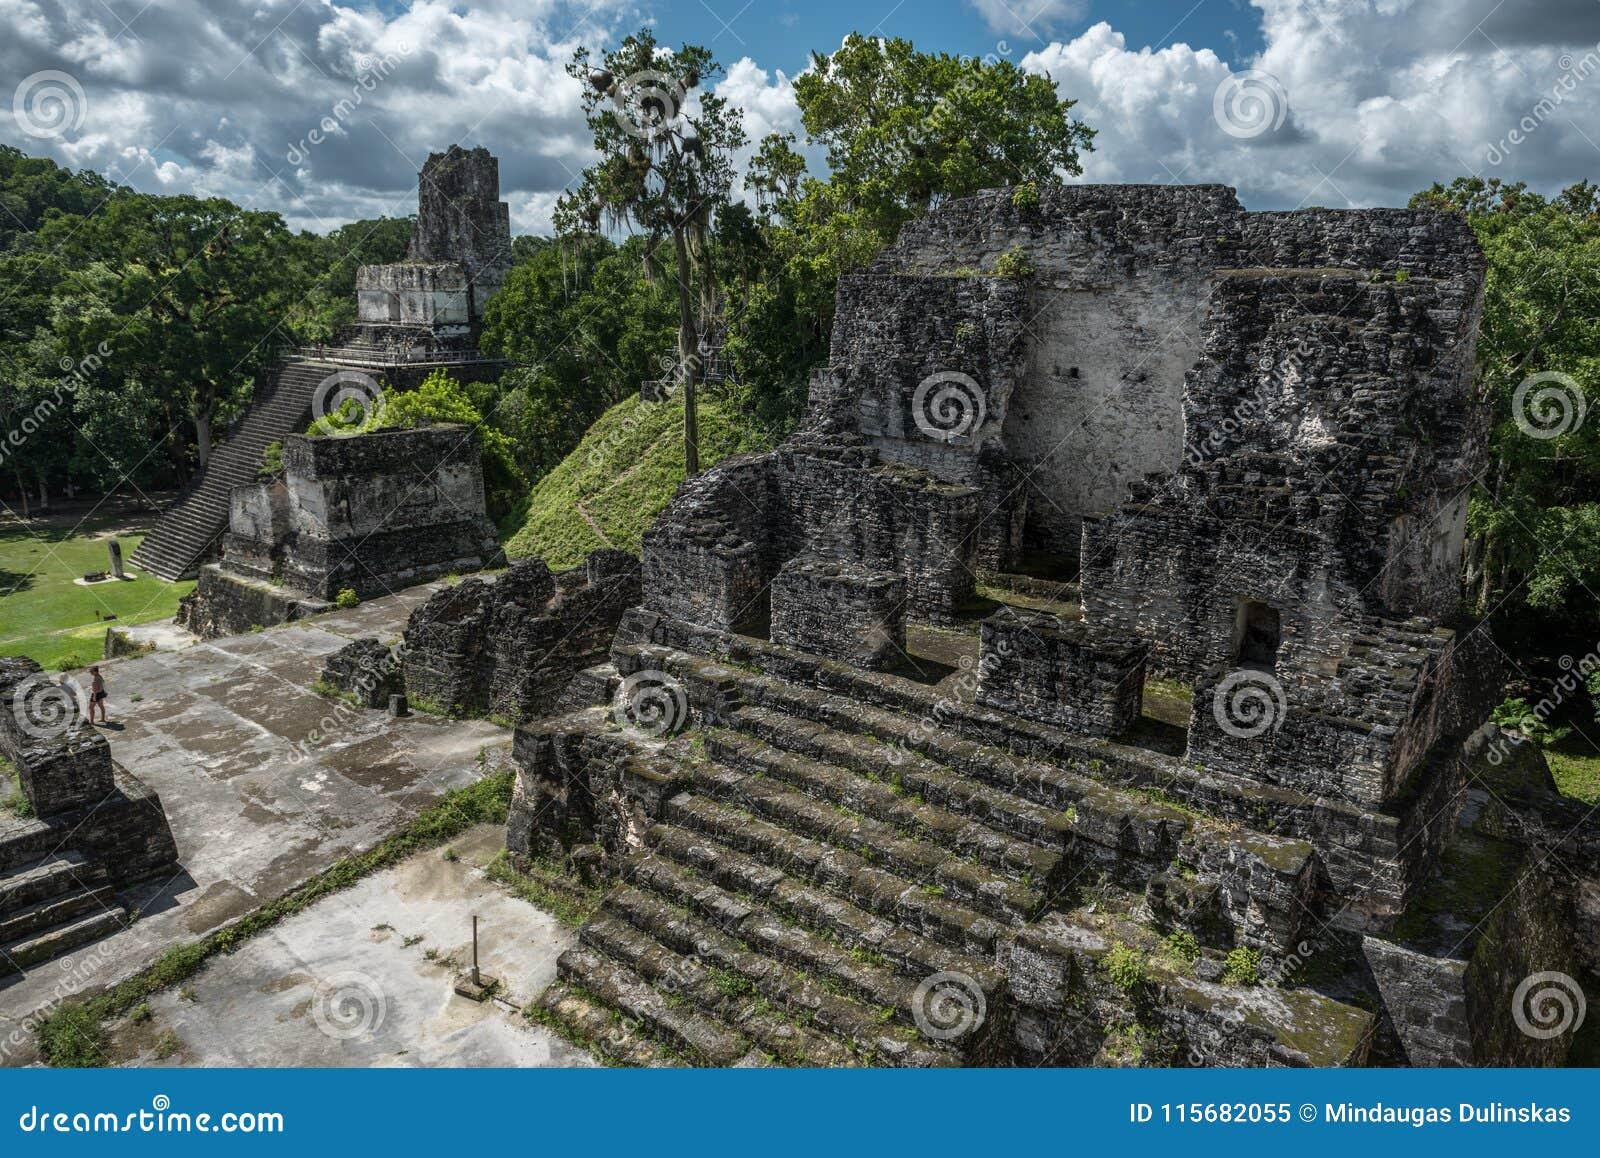 Πυραμίδα και ο ναός στο πάρκο Tikal Αντικείμενο επίσκεψης στη Γουατεμάλα με τους των Μάγια ναούς και τις εθιμοτυπικές καταστροφές